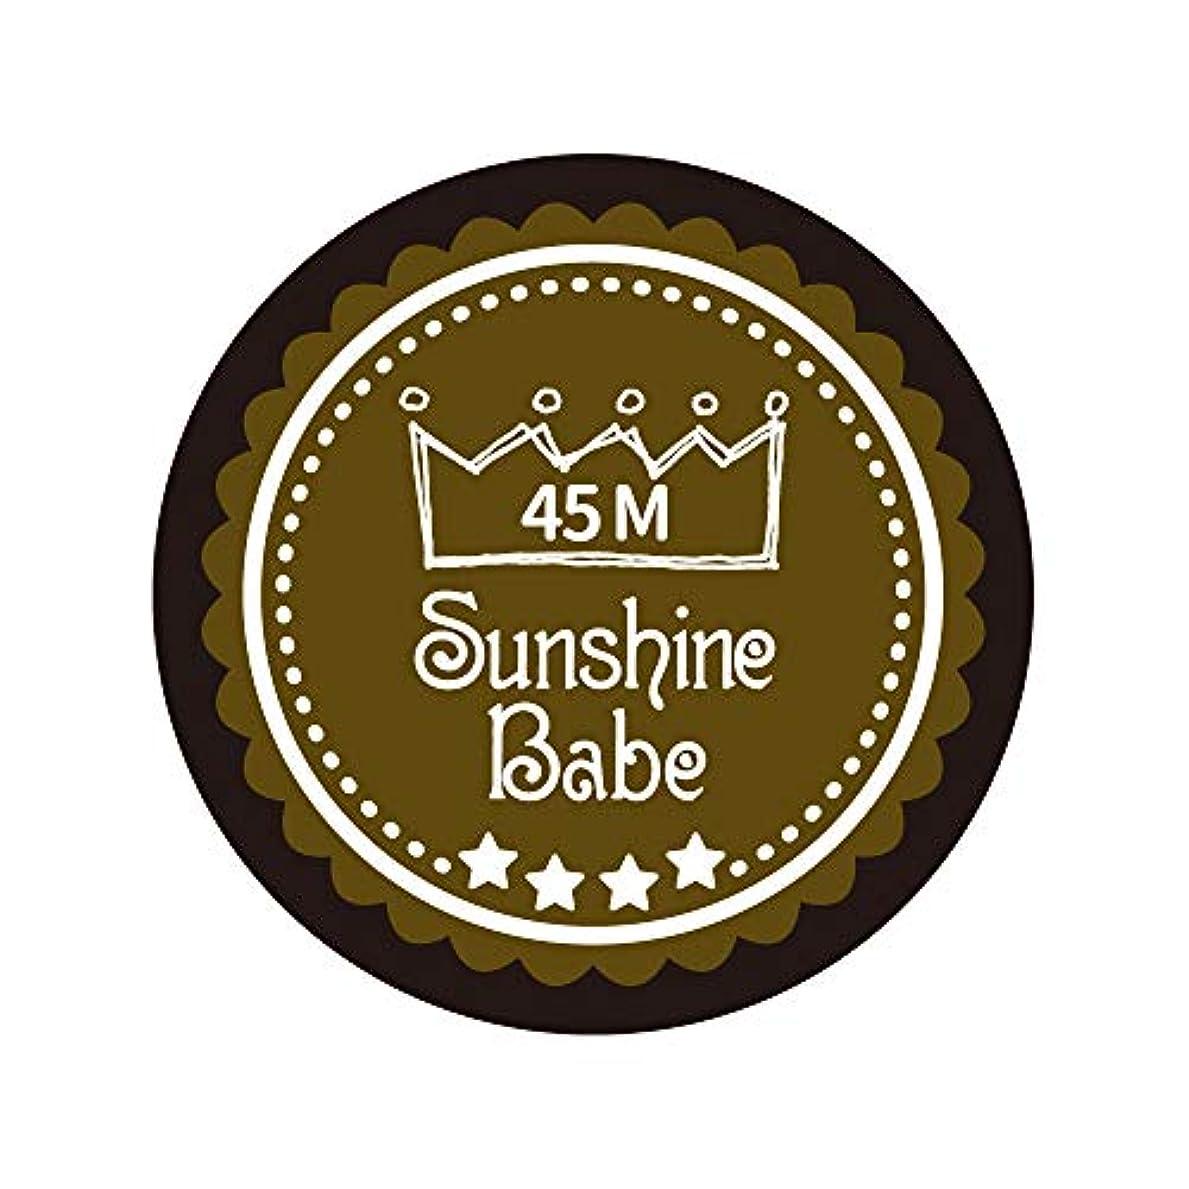 ひらめき日曜日衝突Sunshine Babe カラージェル 45M マティーニオリーブ 4g UV/LED対応